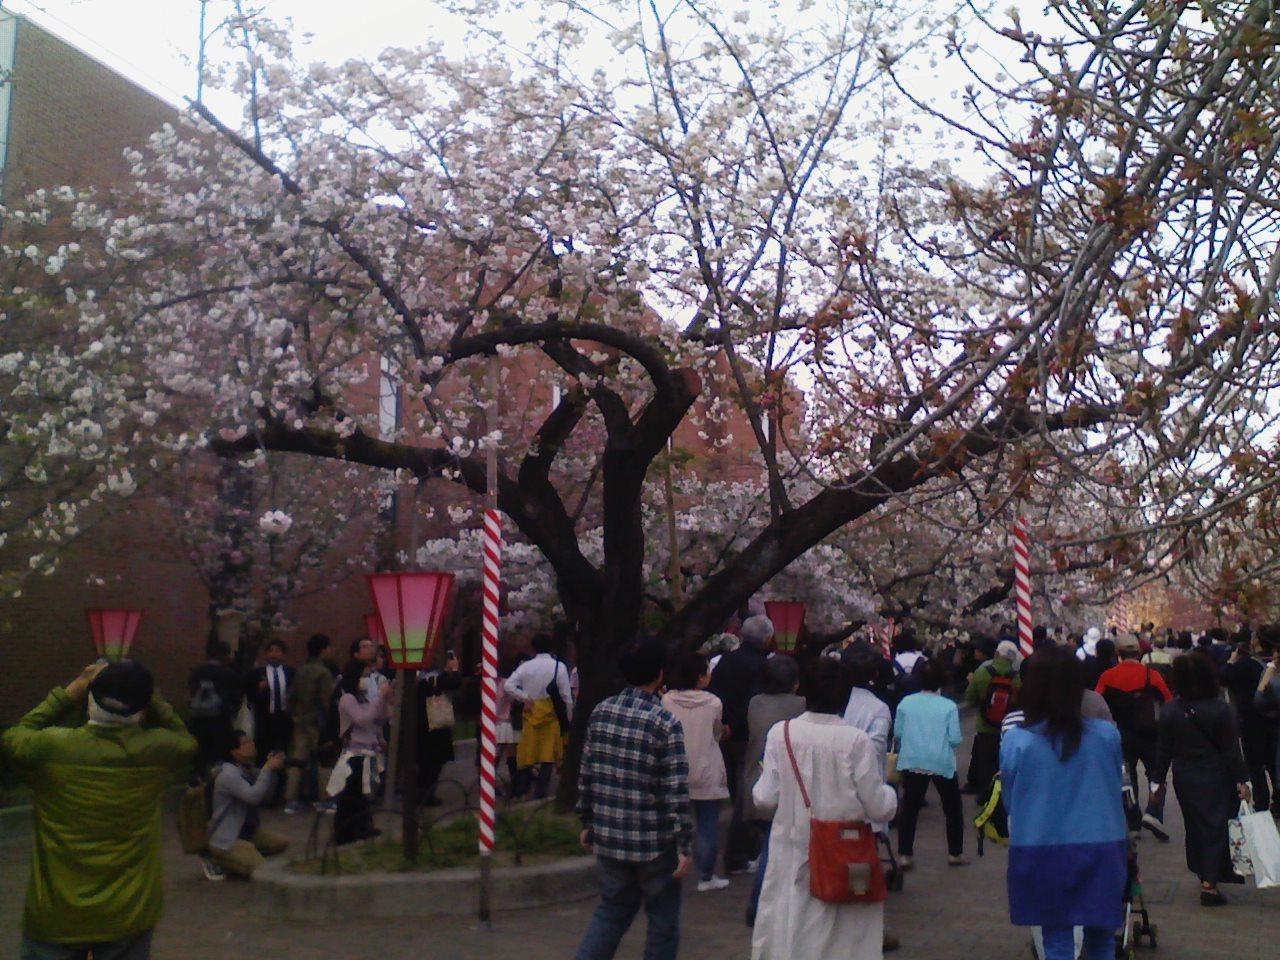 2017_04_14_桜の通り抜け